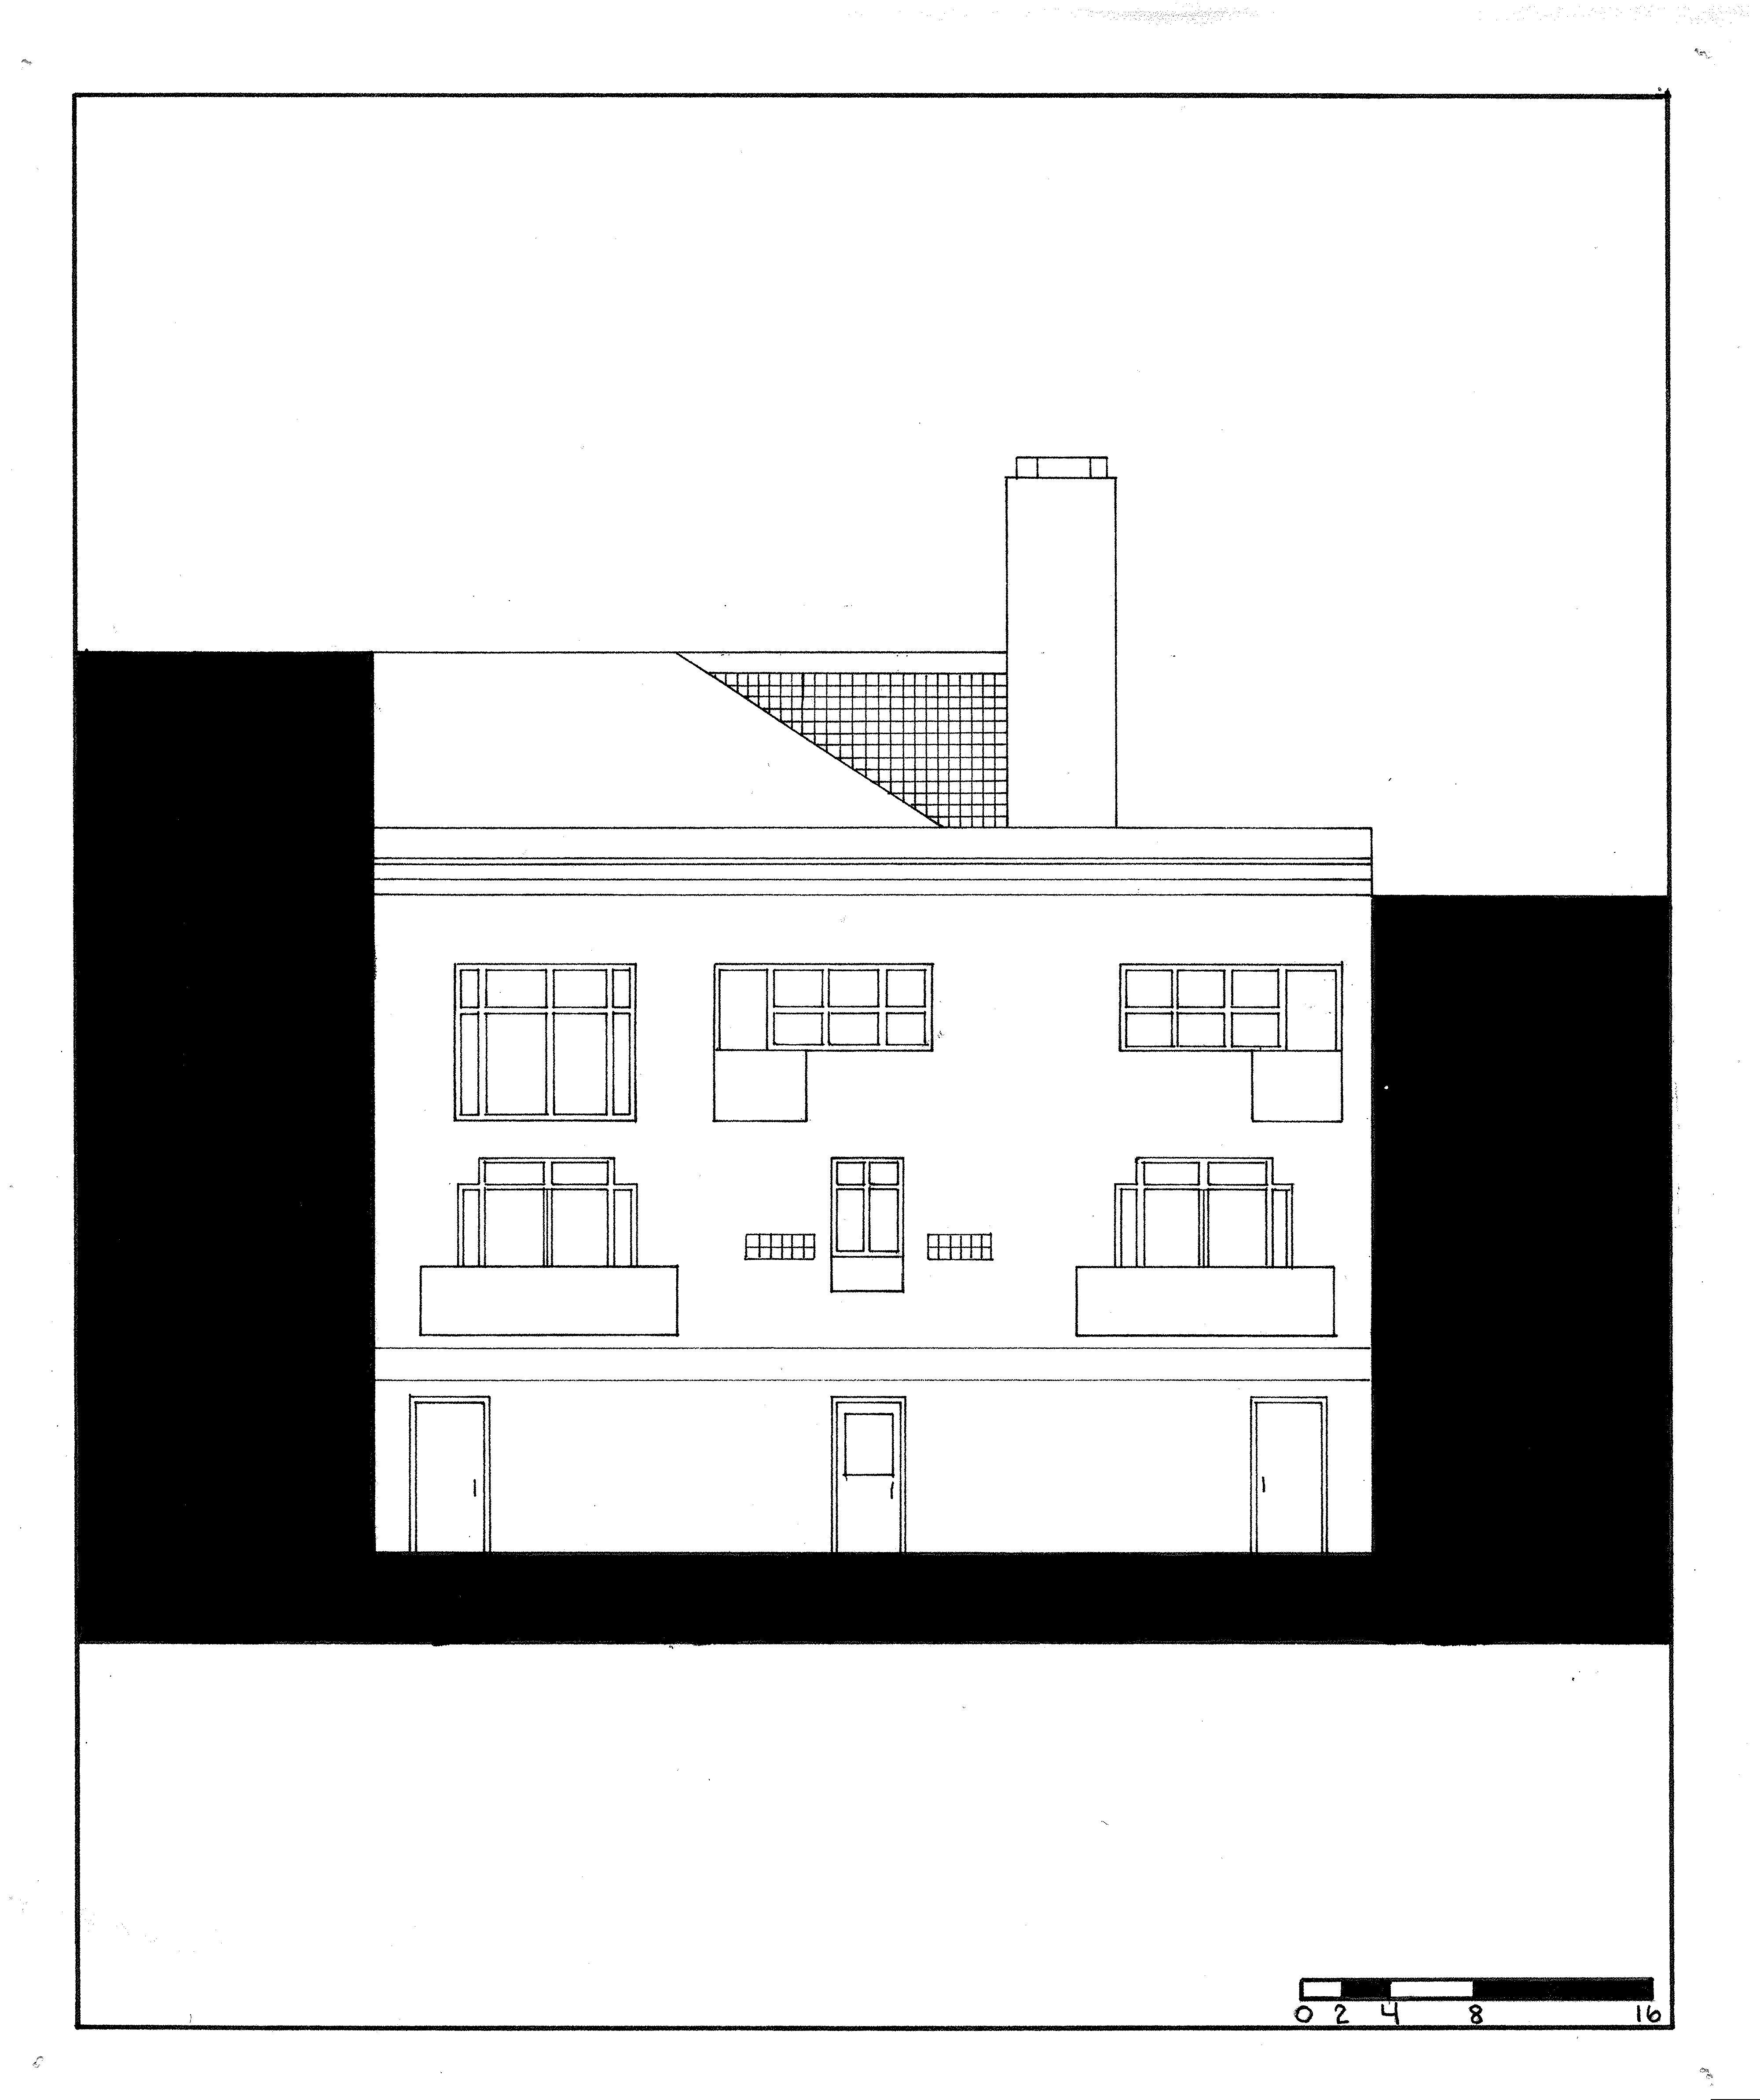 alexandria apts rear facade